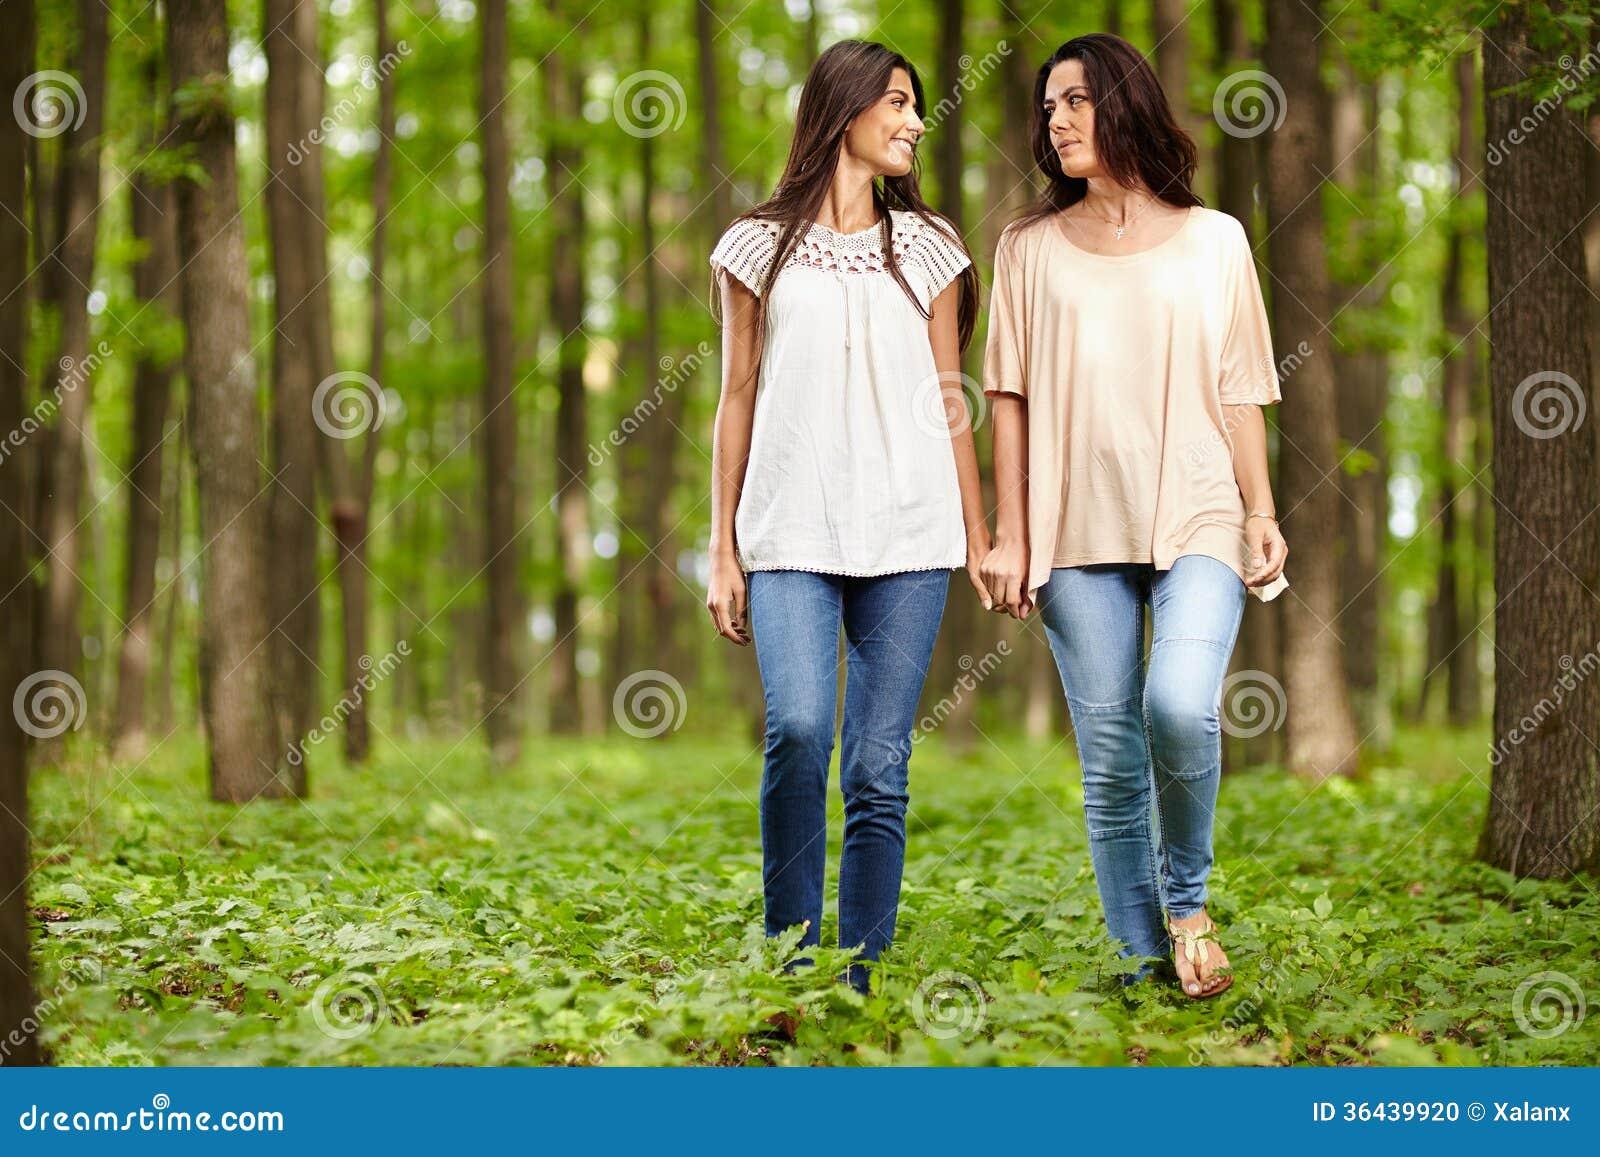 m re et fille marchant main dans la main photo stock image 36439920. Black Bedroom Furniture Sets. Home Design Ideas